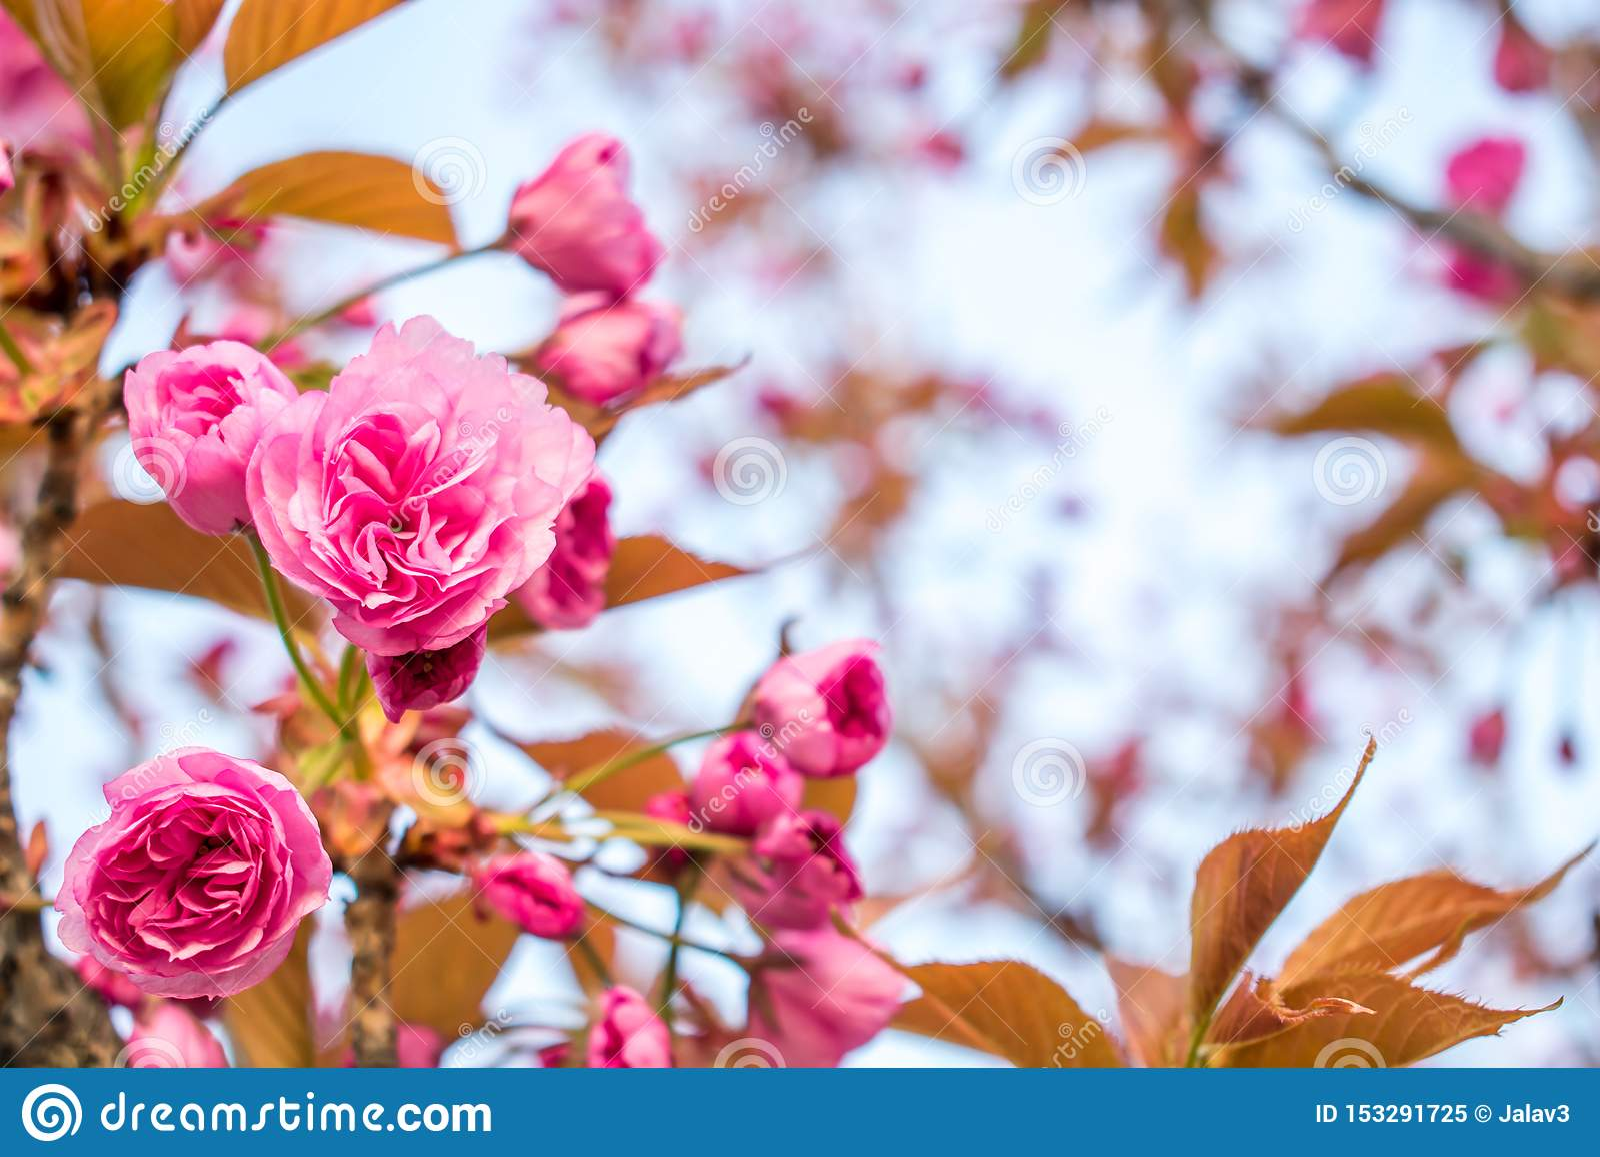 Blumen von rosa Kirschblüte mit gelben Blättern bei Sonnenuntergang